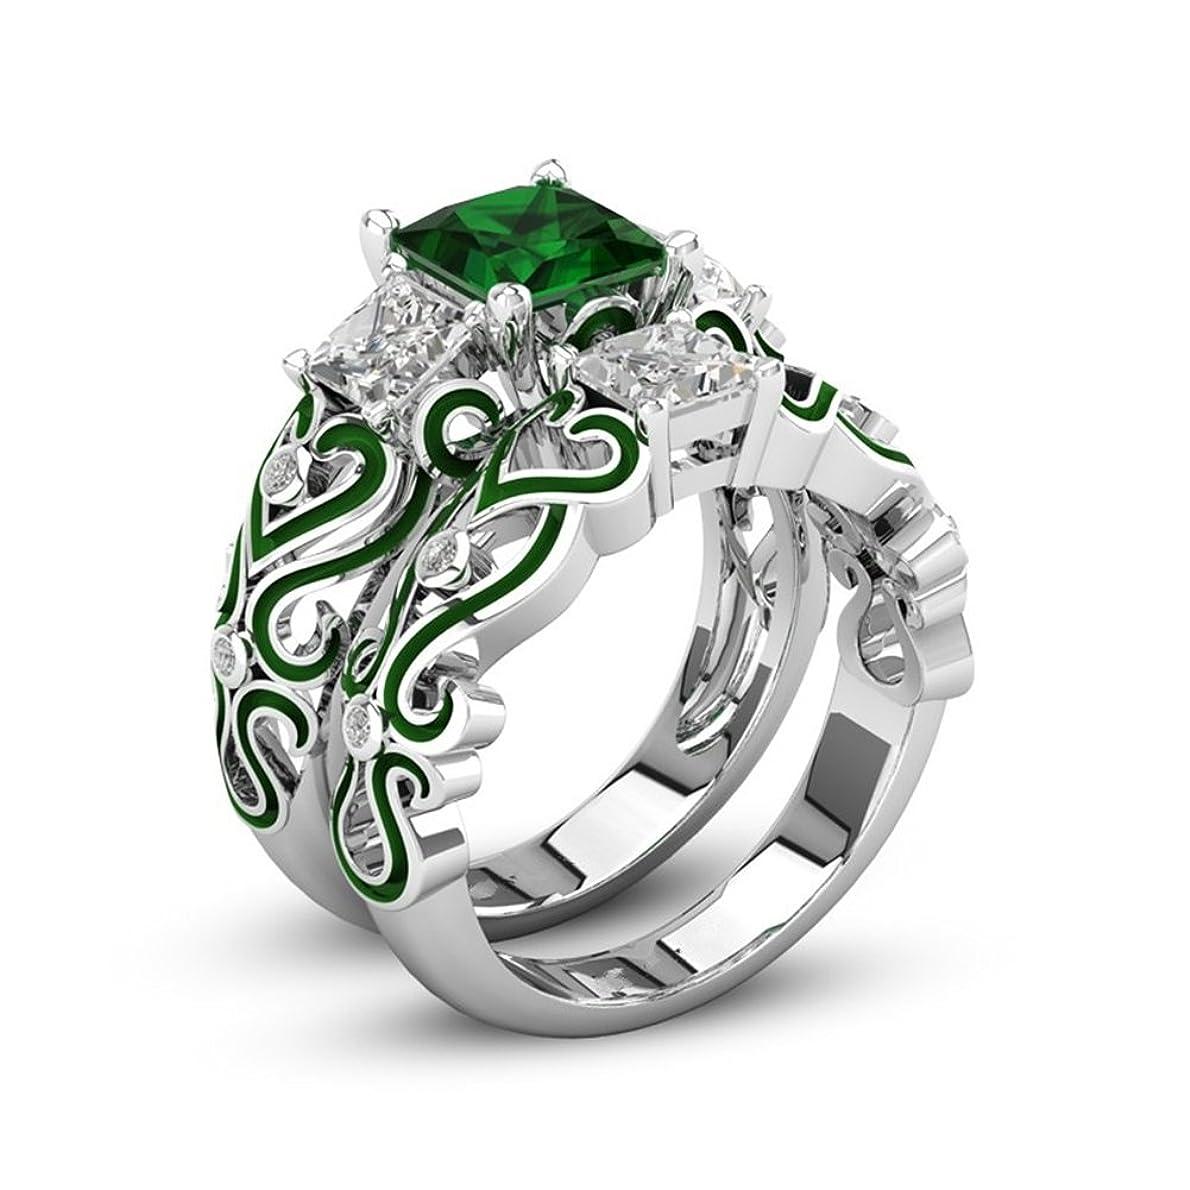 請願者分散ラベンダー女性のためのファッション925シルバーメッキ結婚指輪婚約指輪フレンドマザーパーティー着用記念日 (緑, 18)